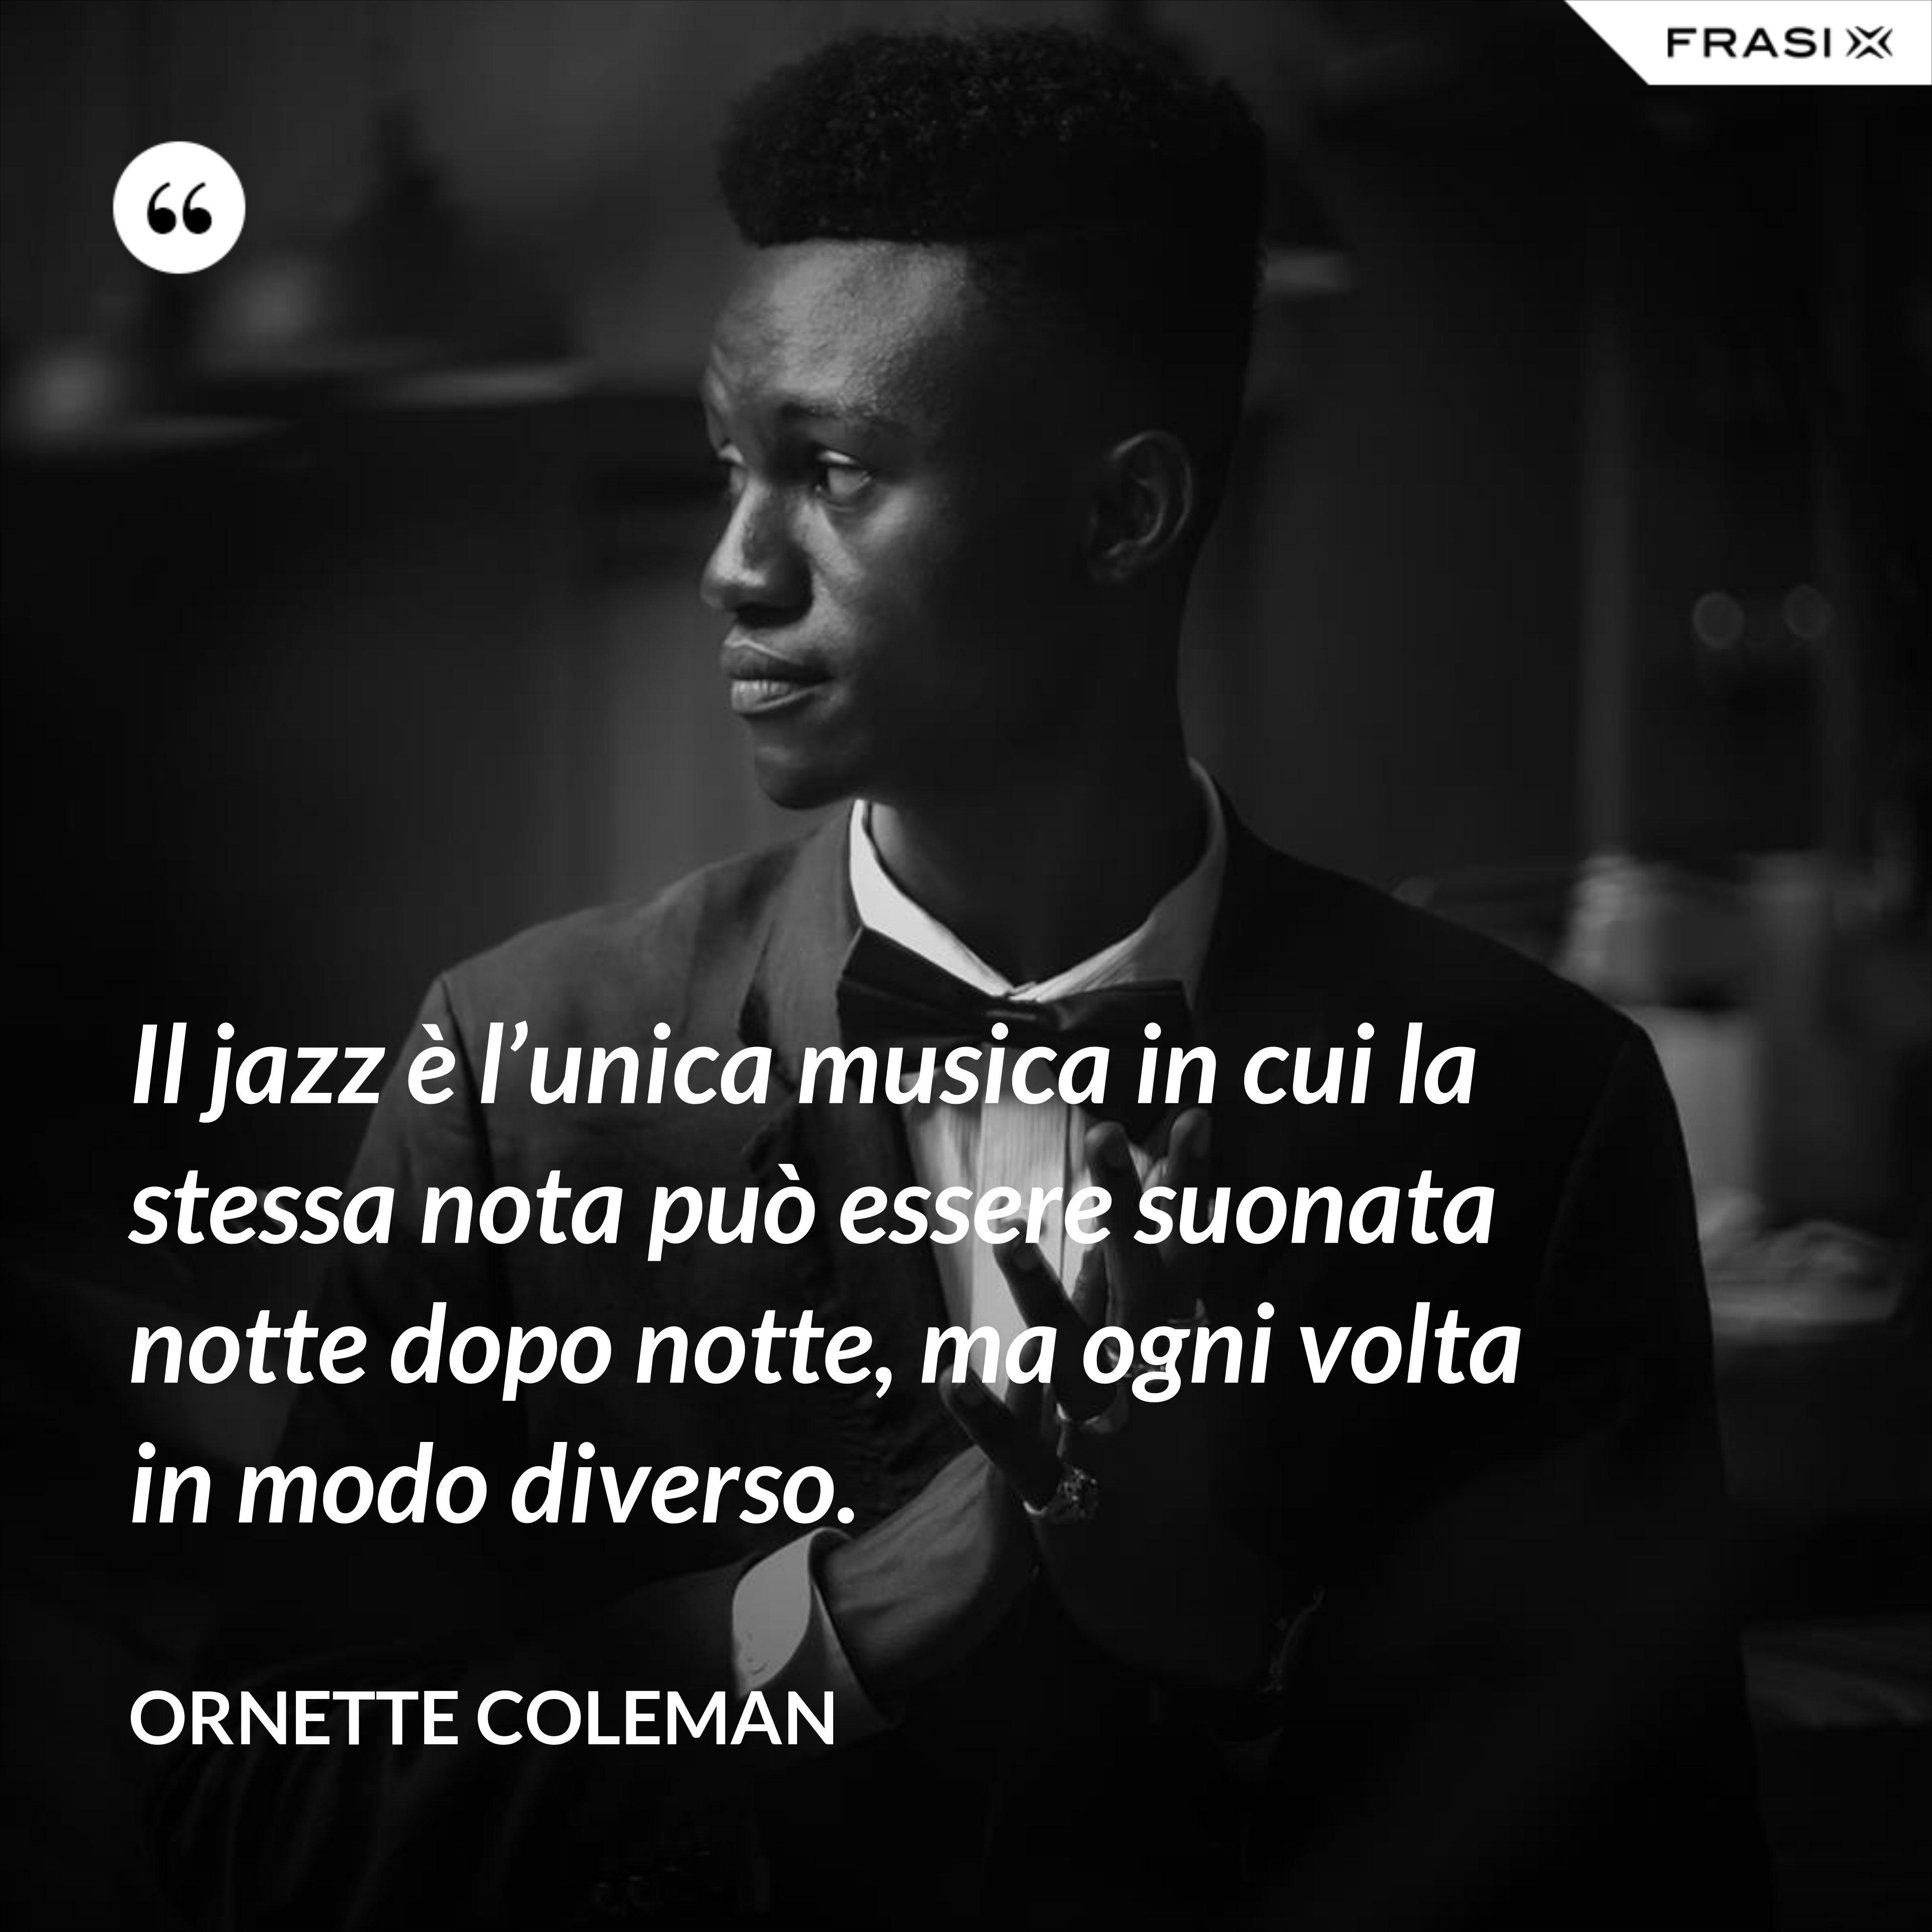 Il jazz è l'unica musica in cui la stessa nota può essere suonata notte dopo notte, ma ogni volta in modo diverso. - Ornette Coleman